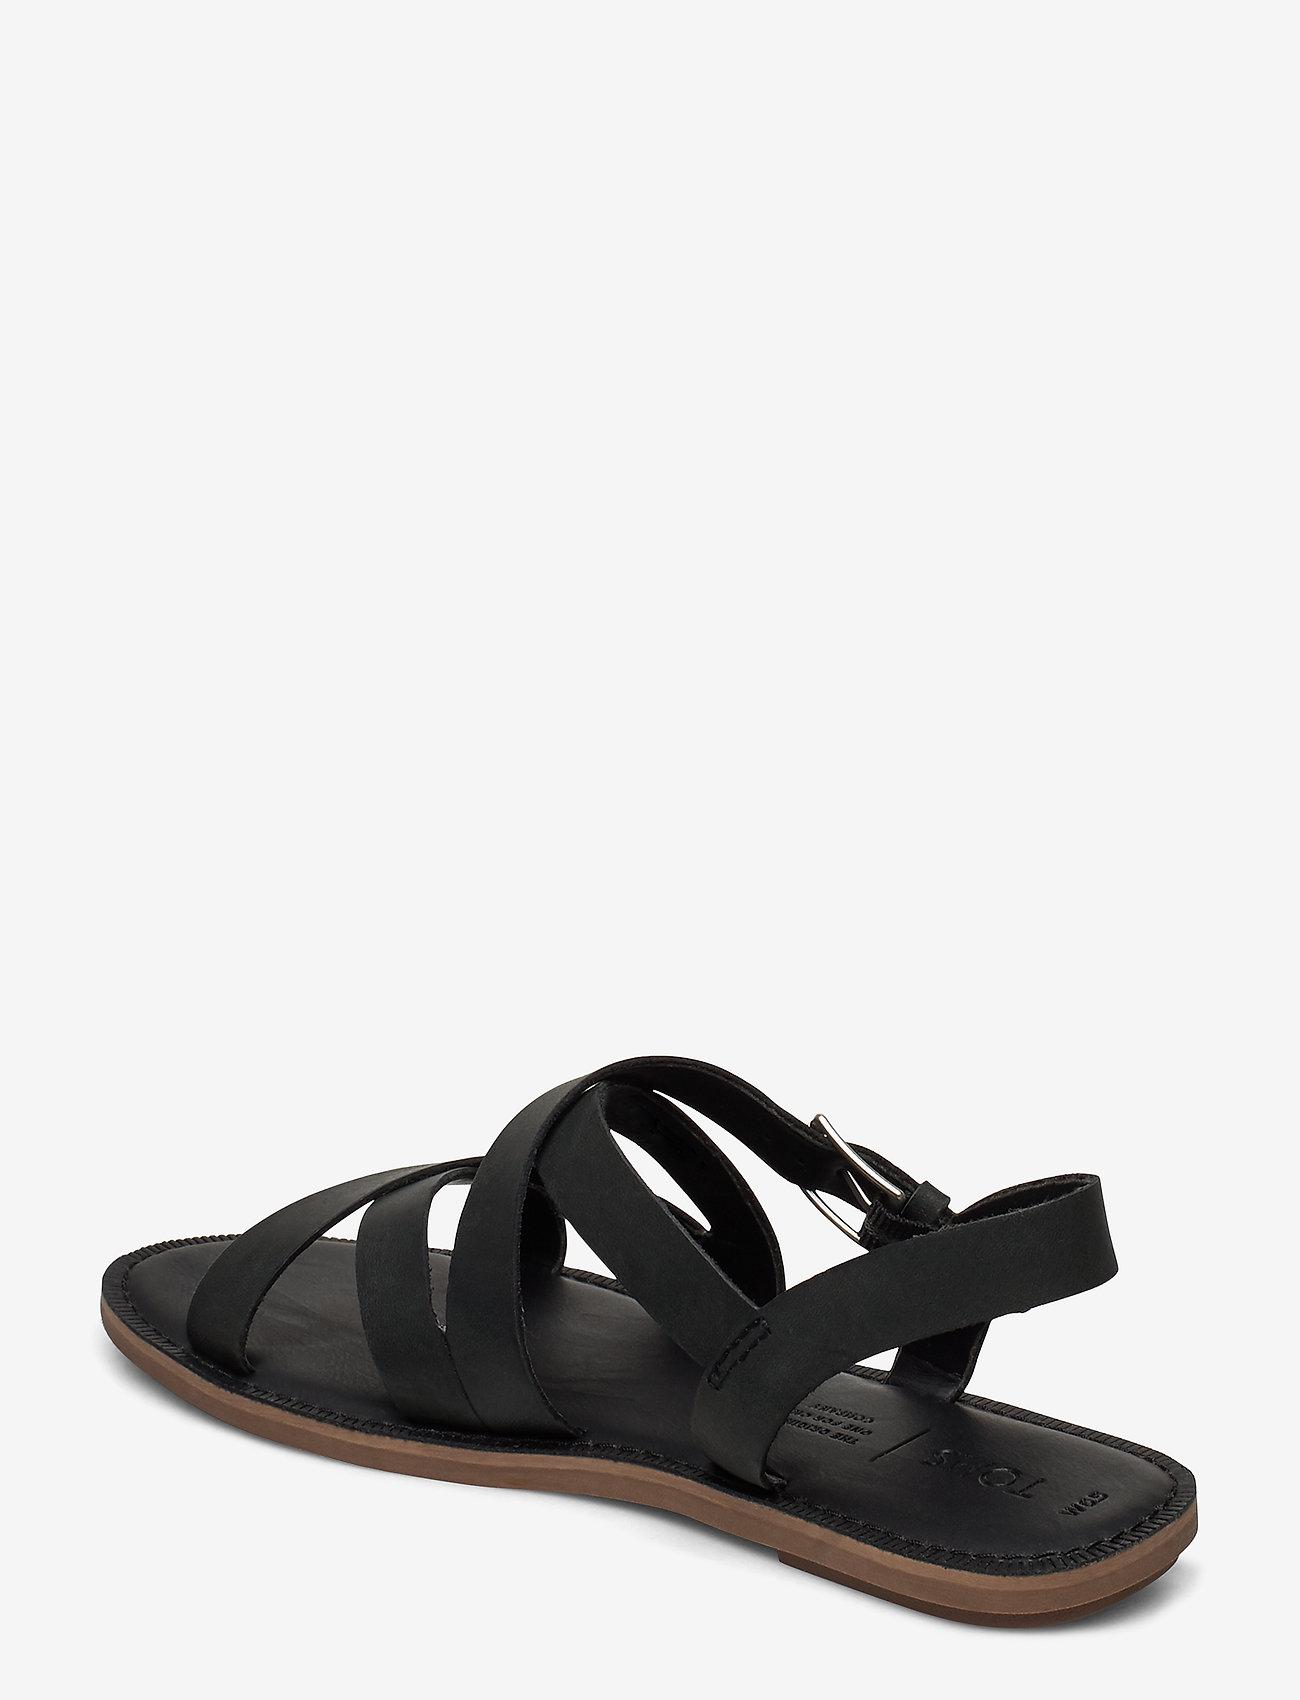 Black Leather (Black) - TOMS